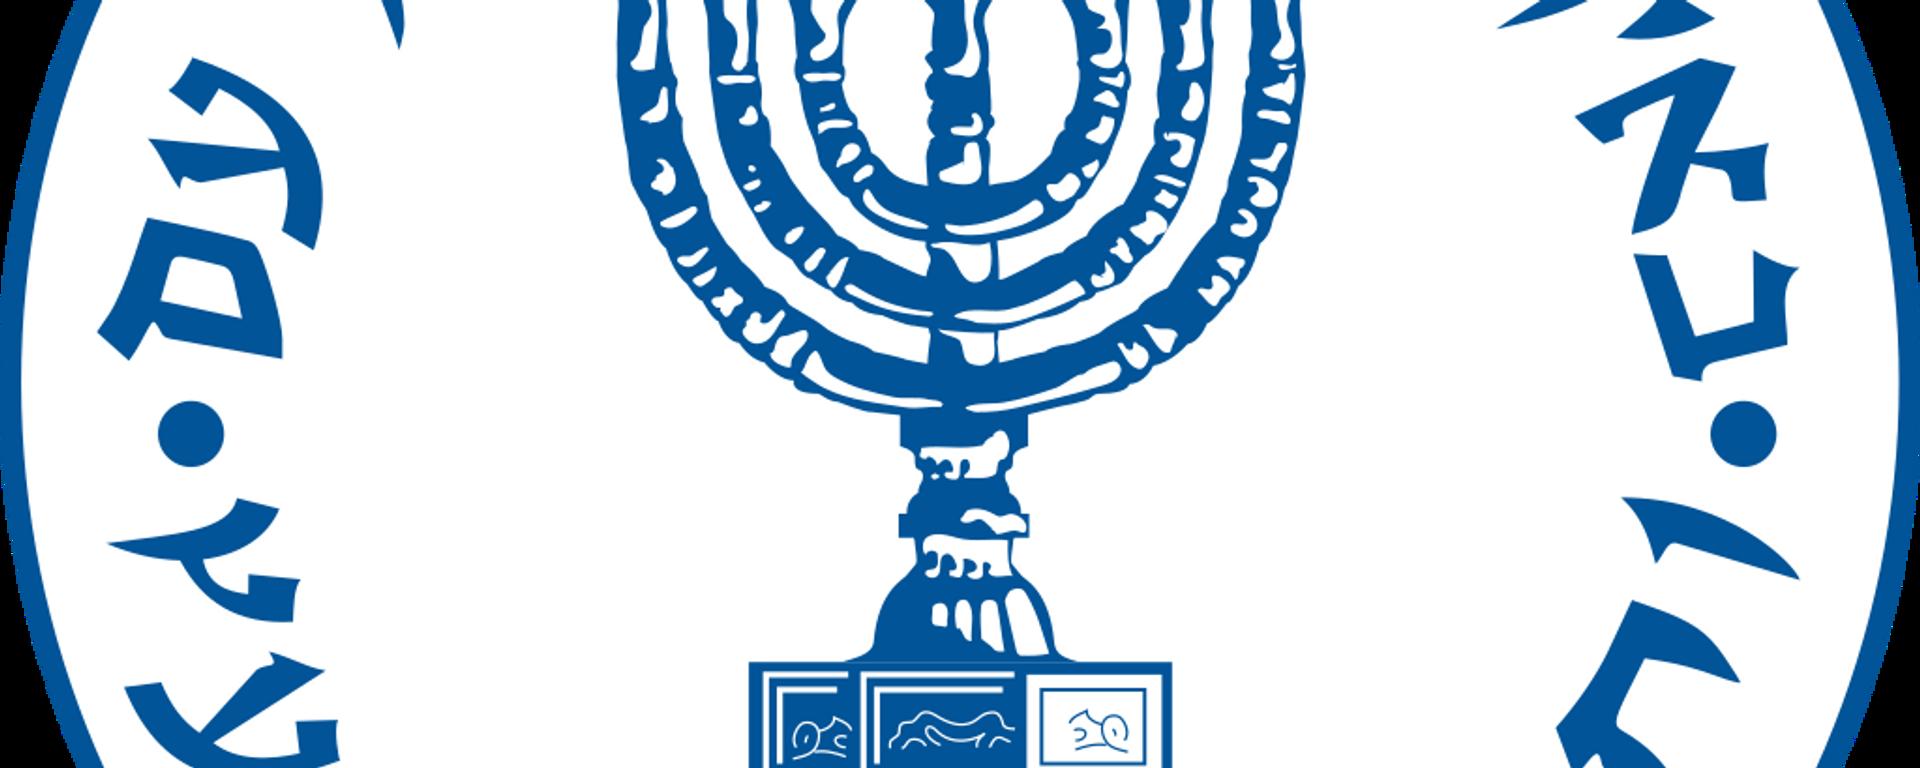 Mossad  - Sputnik International, 1920, 14.04.2021